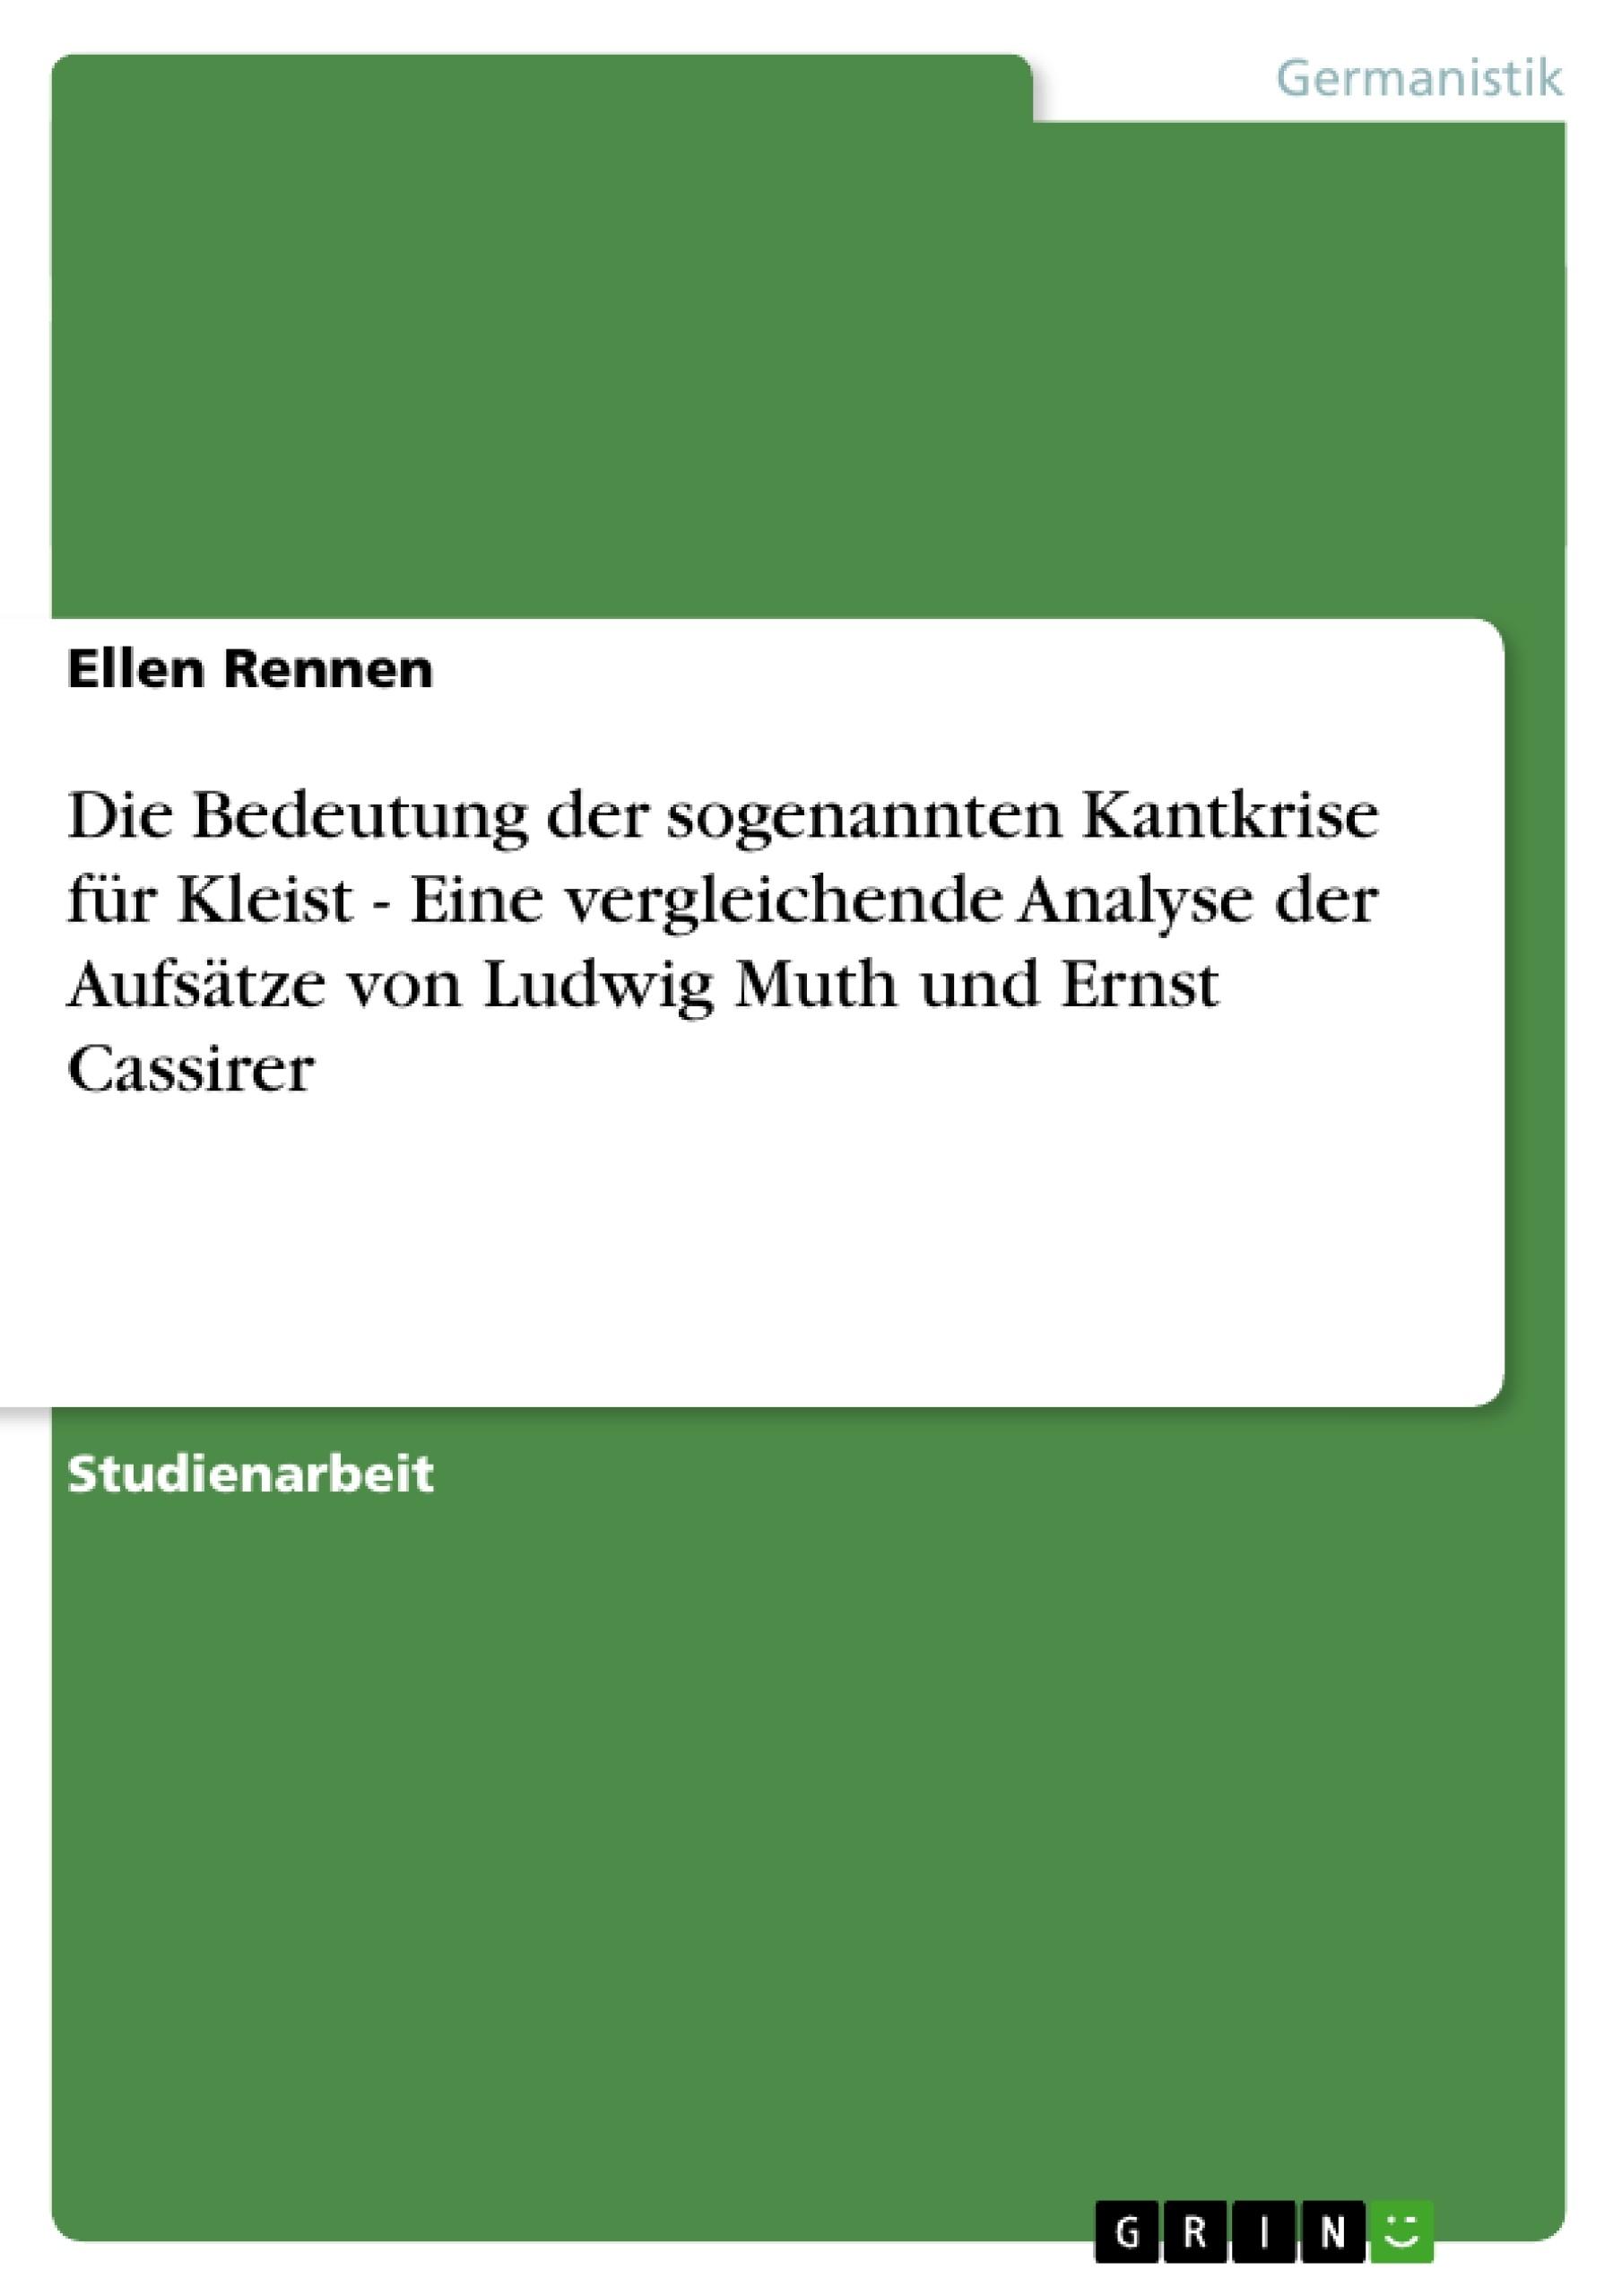 Titel: Die Bedeutung der sogenannten Kantkrise für Kleist - Eine vergleichende Analyse der Aufsätze von Ludwig Muth und Ernst Cassirer